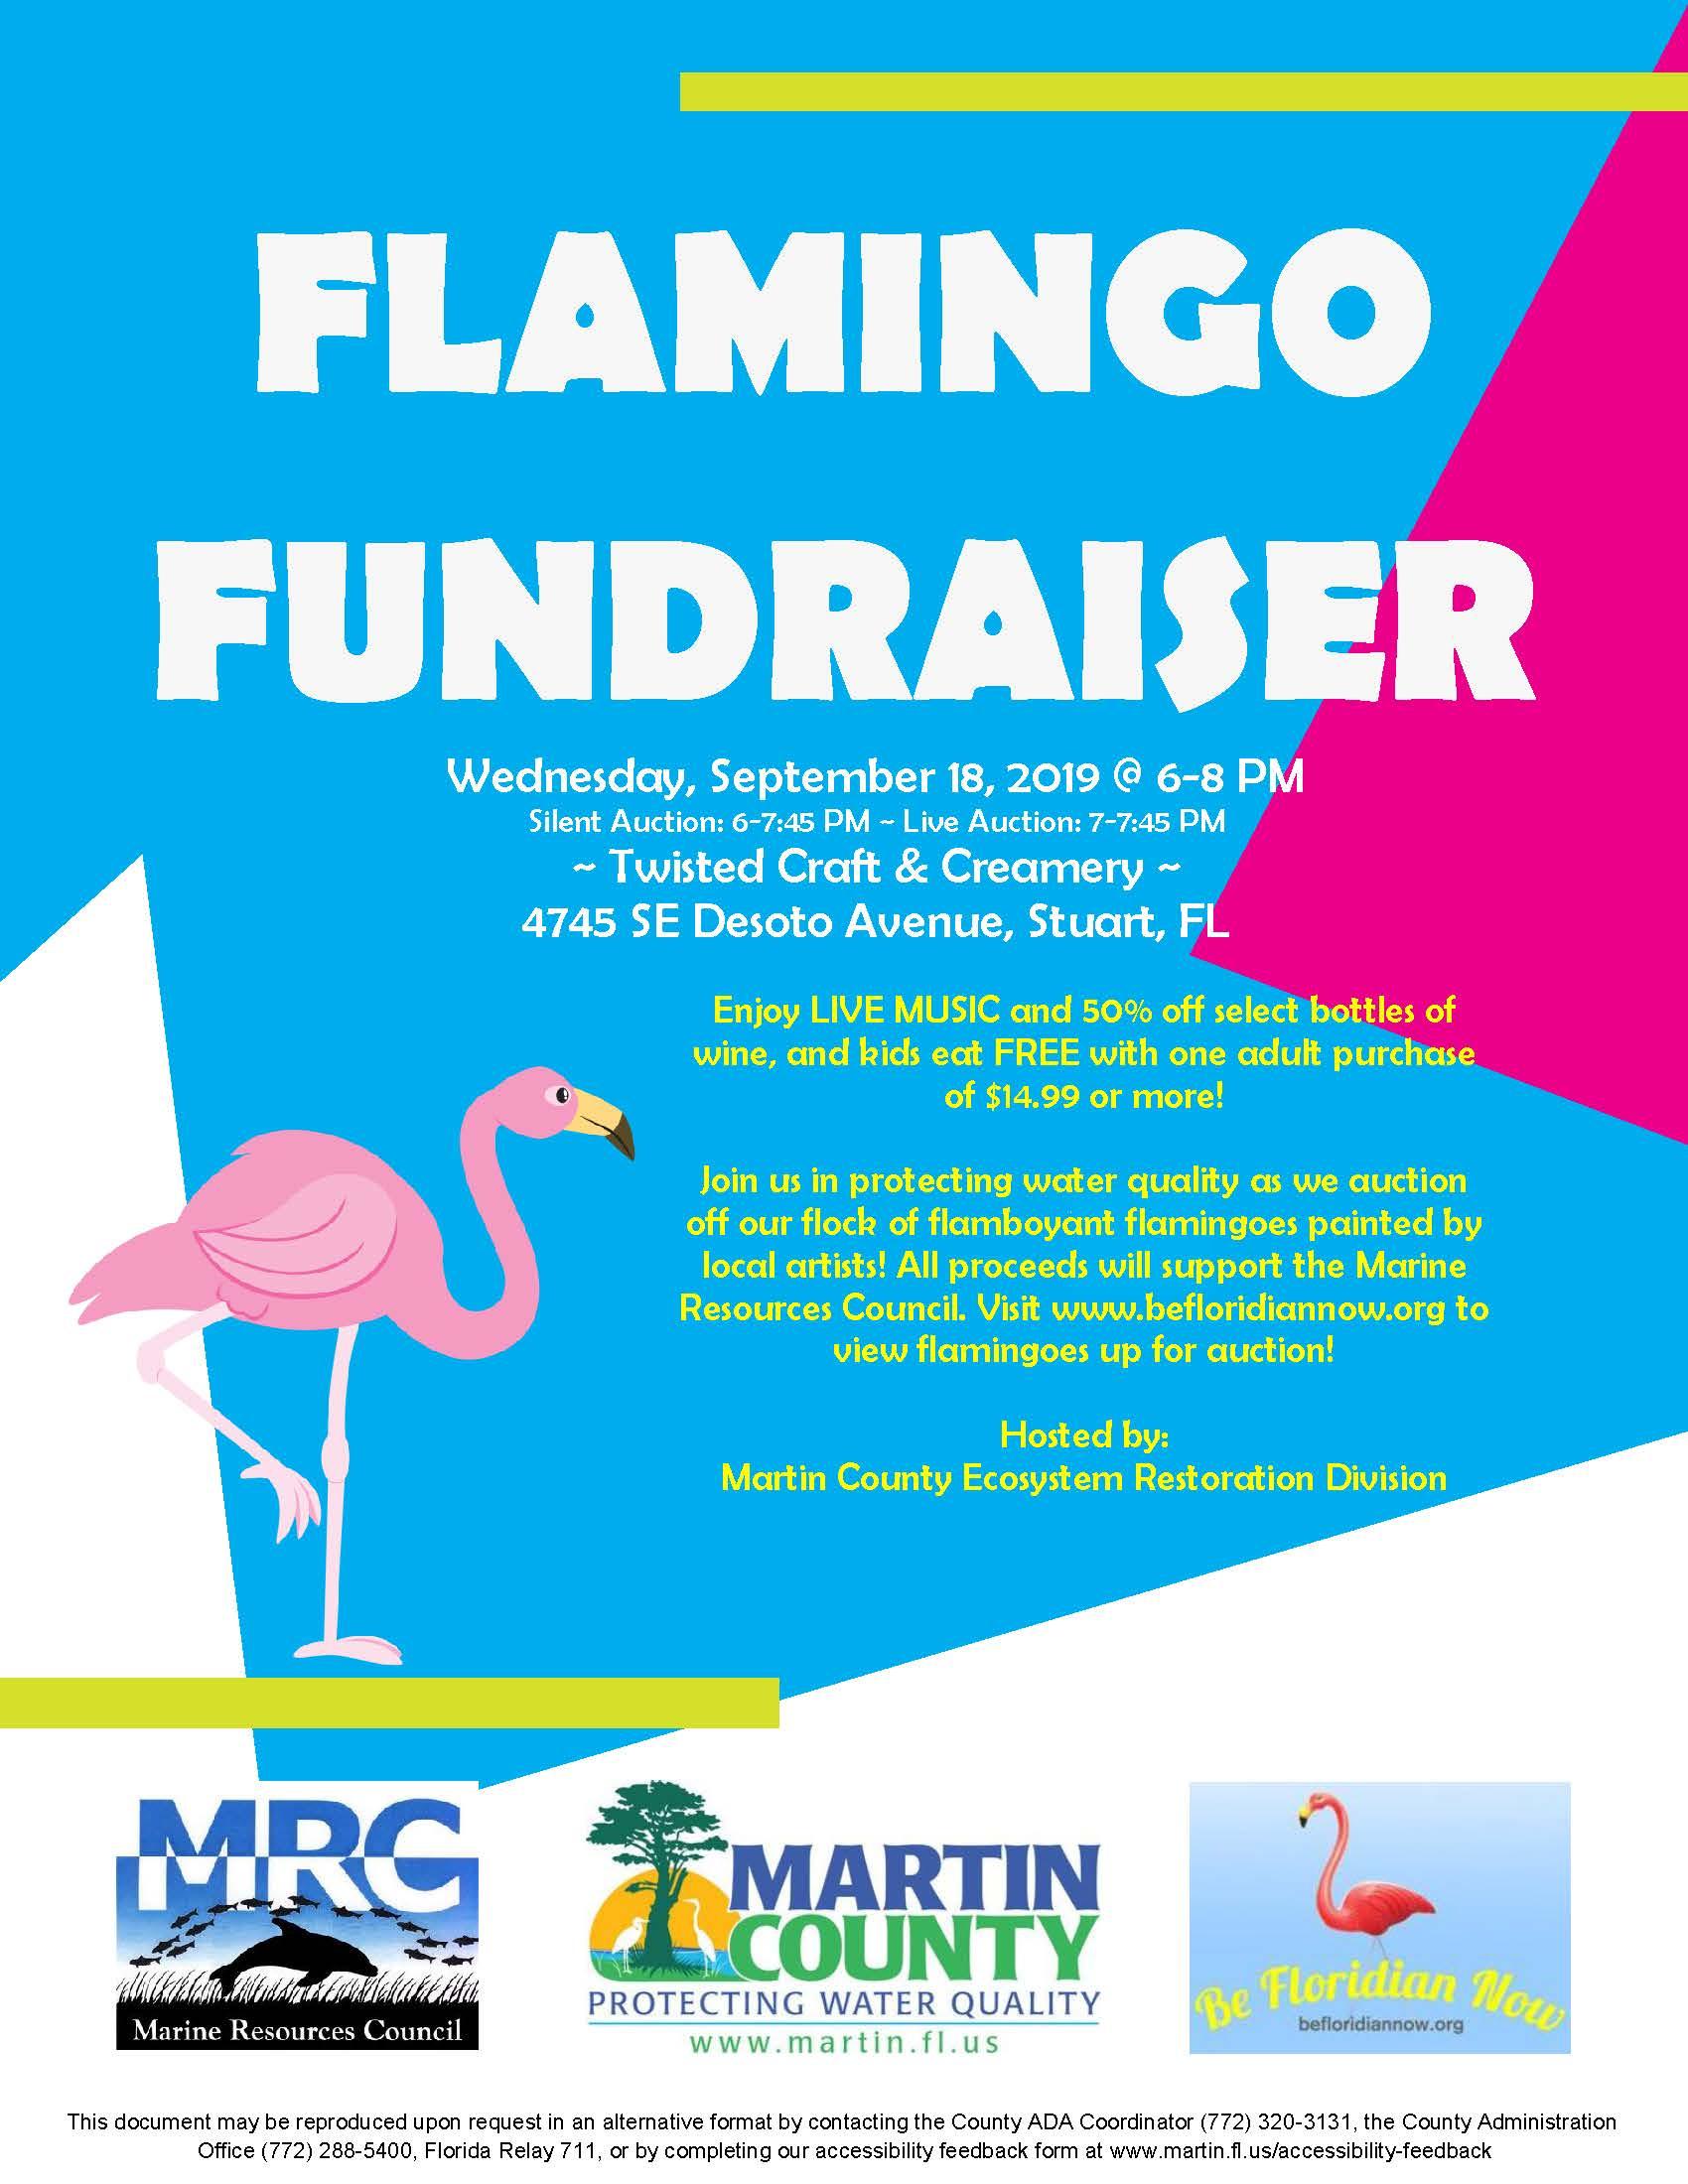 Flamingo Fundraiser